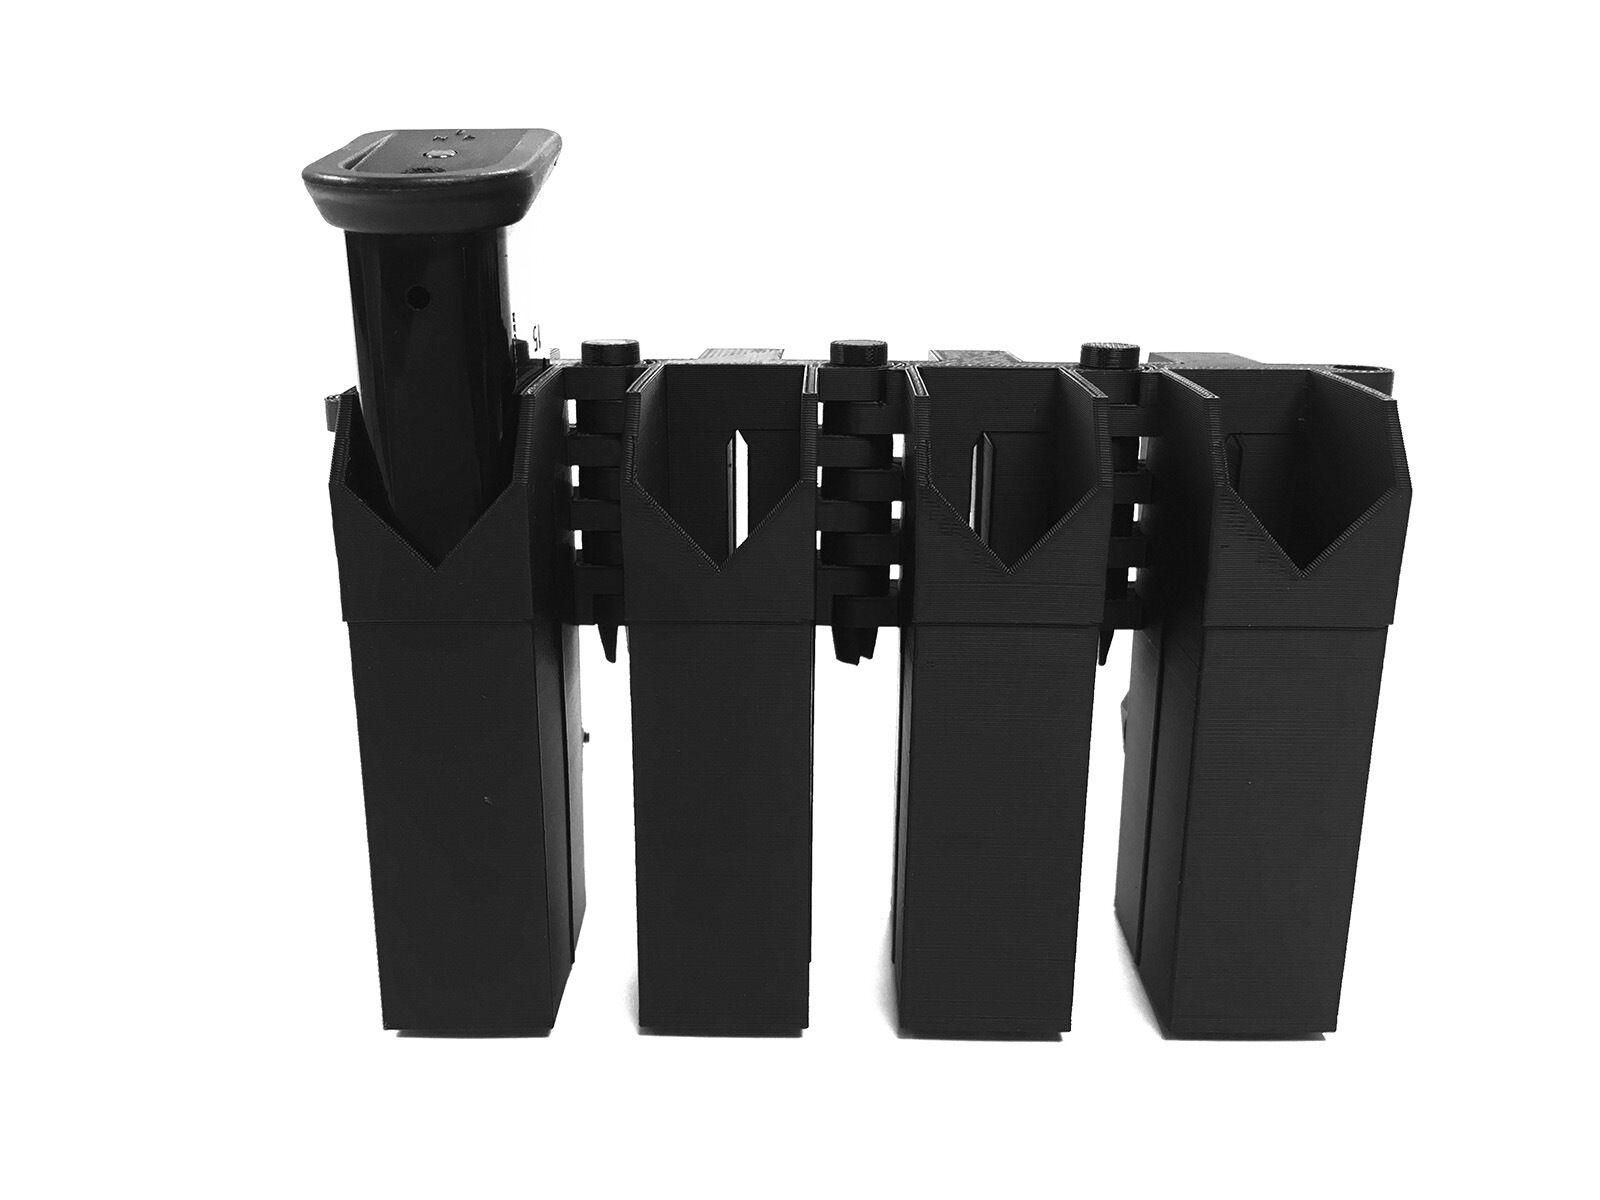 EAMP Patriot - Sig Sauer P226 P228, Canik TP9, Beretta Para 9mm Quad Pouch 54-D